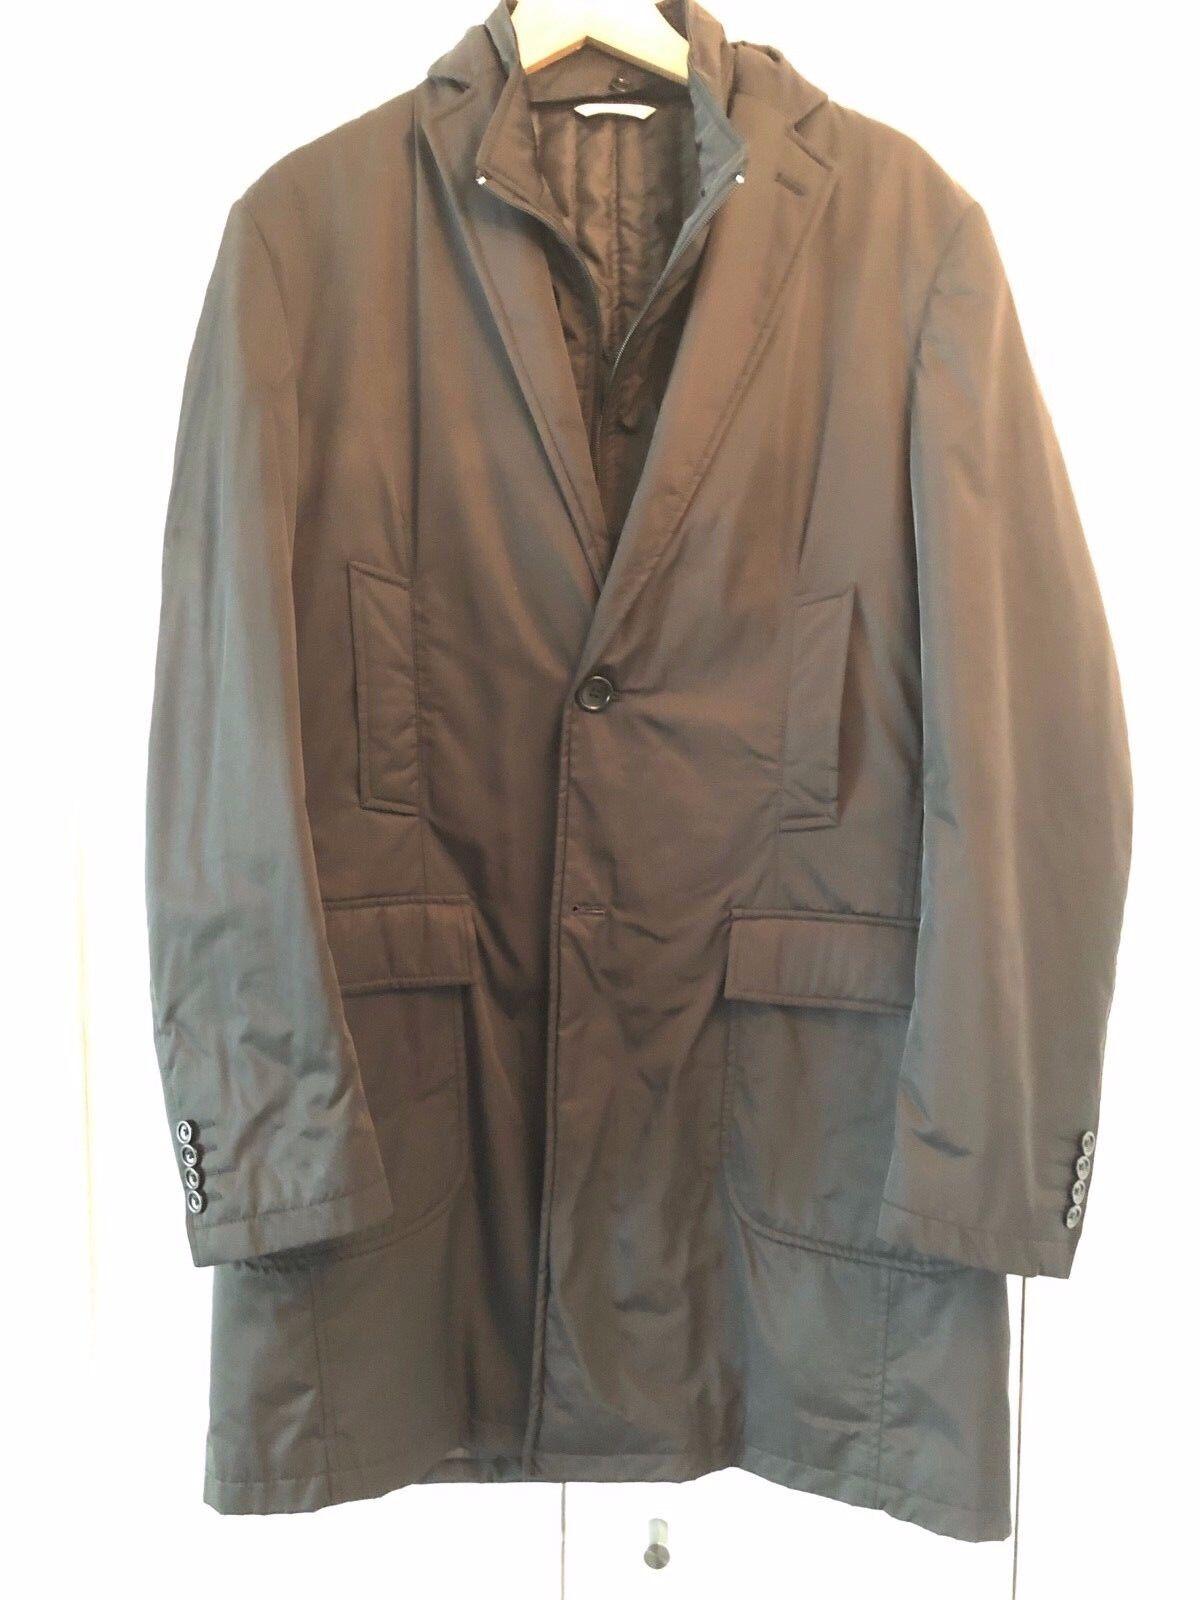 NWOT  Piatelli Barneys NY Layered Nylon Prada Overcoat with Detach Vest L